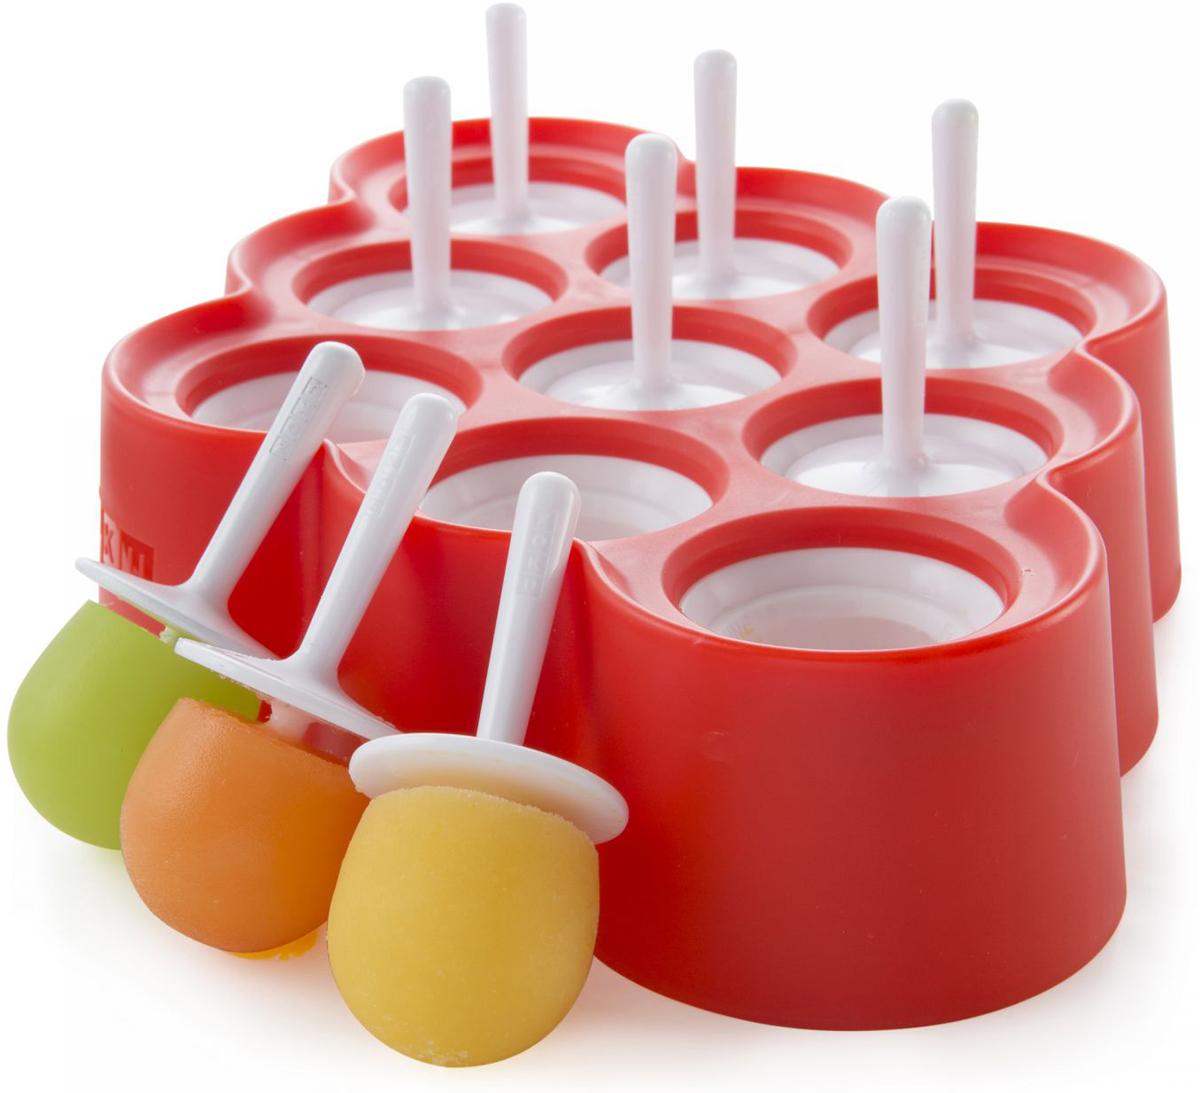 Форма для мороженого Zoku Mini, цвет: красный, 9 х 20 мл. ZK115ZK115С компактной и удобной формой Zoku Mini приготовить домашний фруктовый лед стало еще проще! Порадуйте своих близких и друзей оригинальными десертами на палочке. Используйте натуральные соки и смузи с кусочками фруктов, добавляйте мед и ягоды, экспериментируйте и вовлекайте в этот процесс всю семью.Для приготовления мороженого залейте охлажденный сок в формы и оставьте в морозильной камере на шесть и более часов. Когда продукт готов, просто вытащите палочку и наслаждайтесь натуральным мороженым. Не содержит вредных примесей и бисфенола-А. Моется вручную.Объем одной формы - 20 мл.